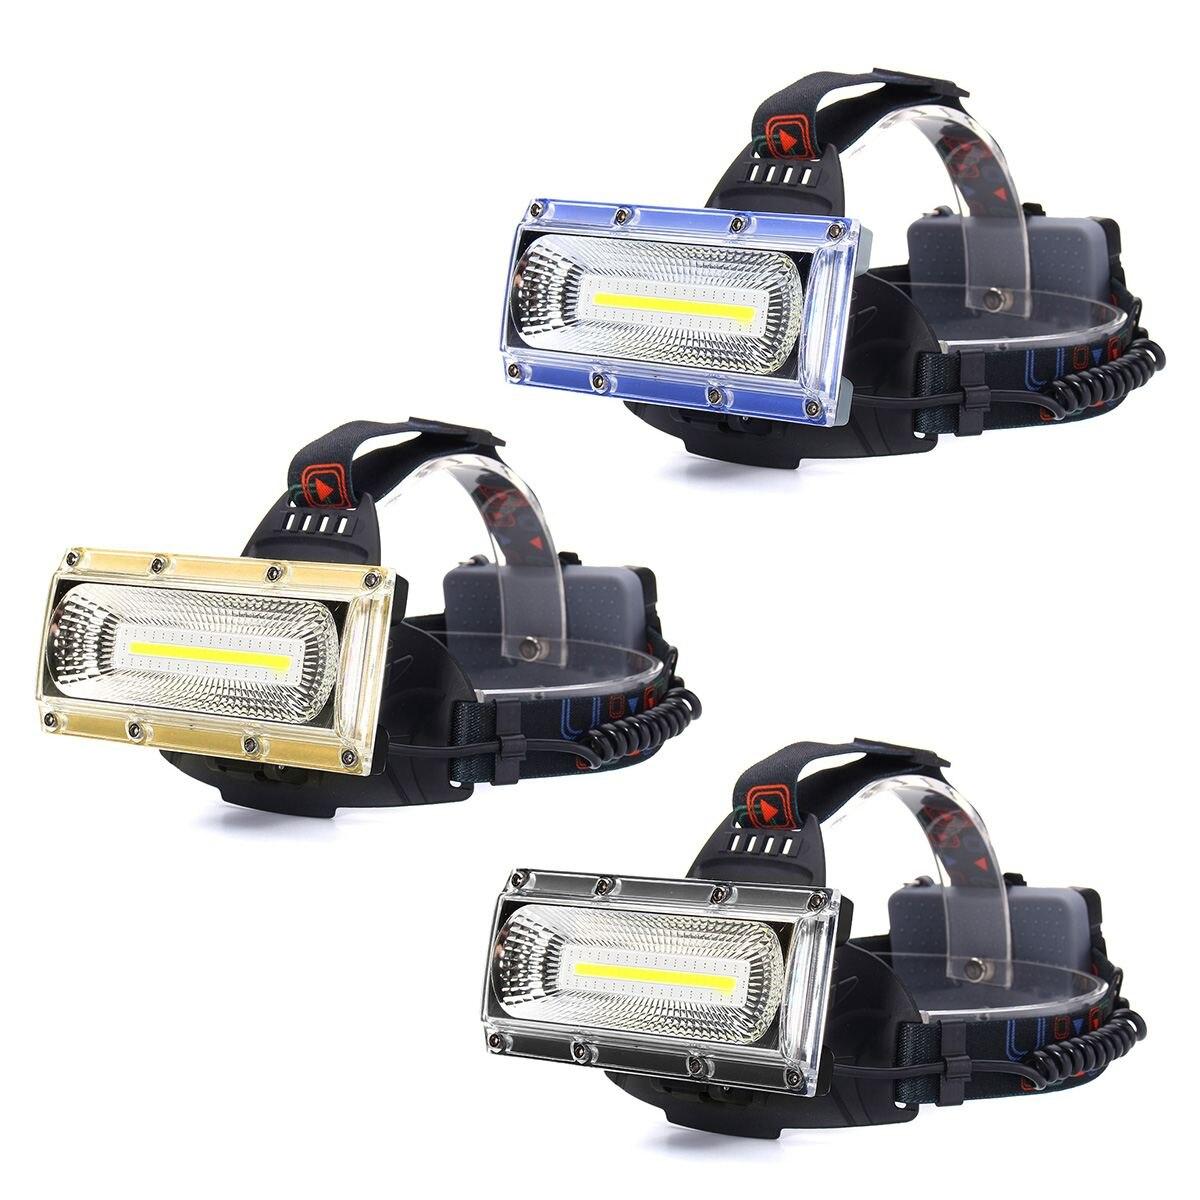 1300LM 30 Watt COB Led-scheinwerfer Drei Beleuchtung Modi Einstellbare Basis für MTB Fahrrad Radfahren 18650 Led-leuchten mit Stirnband Täglichen verwenden